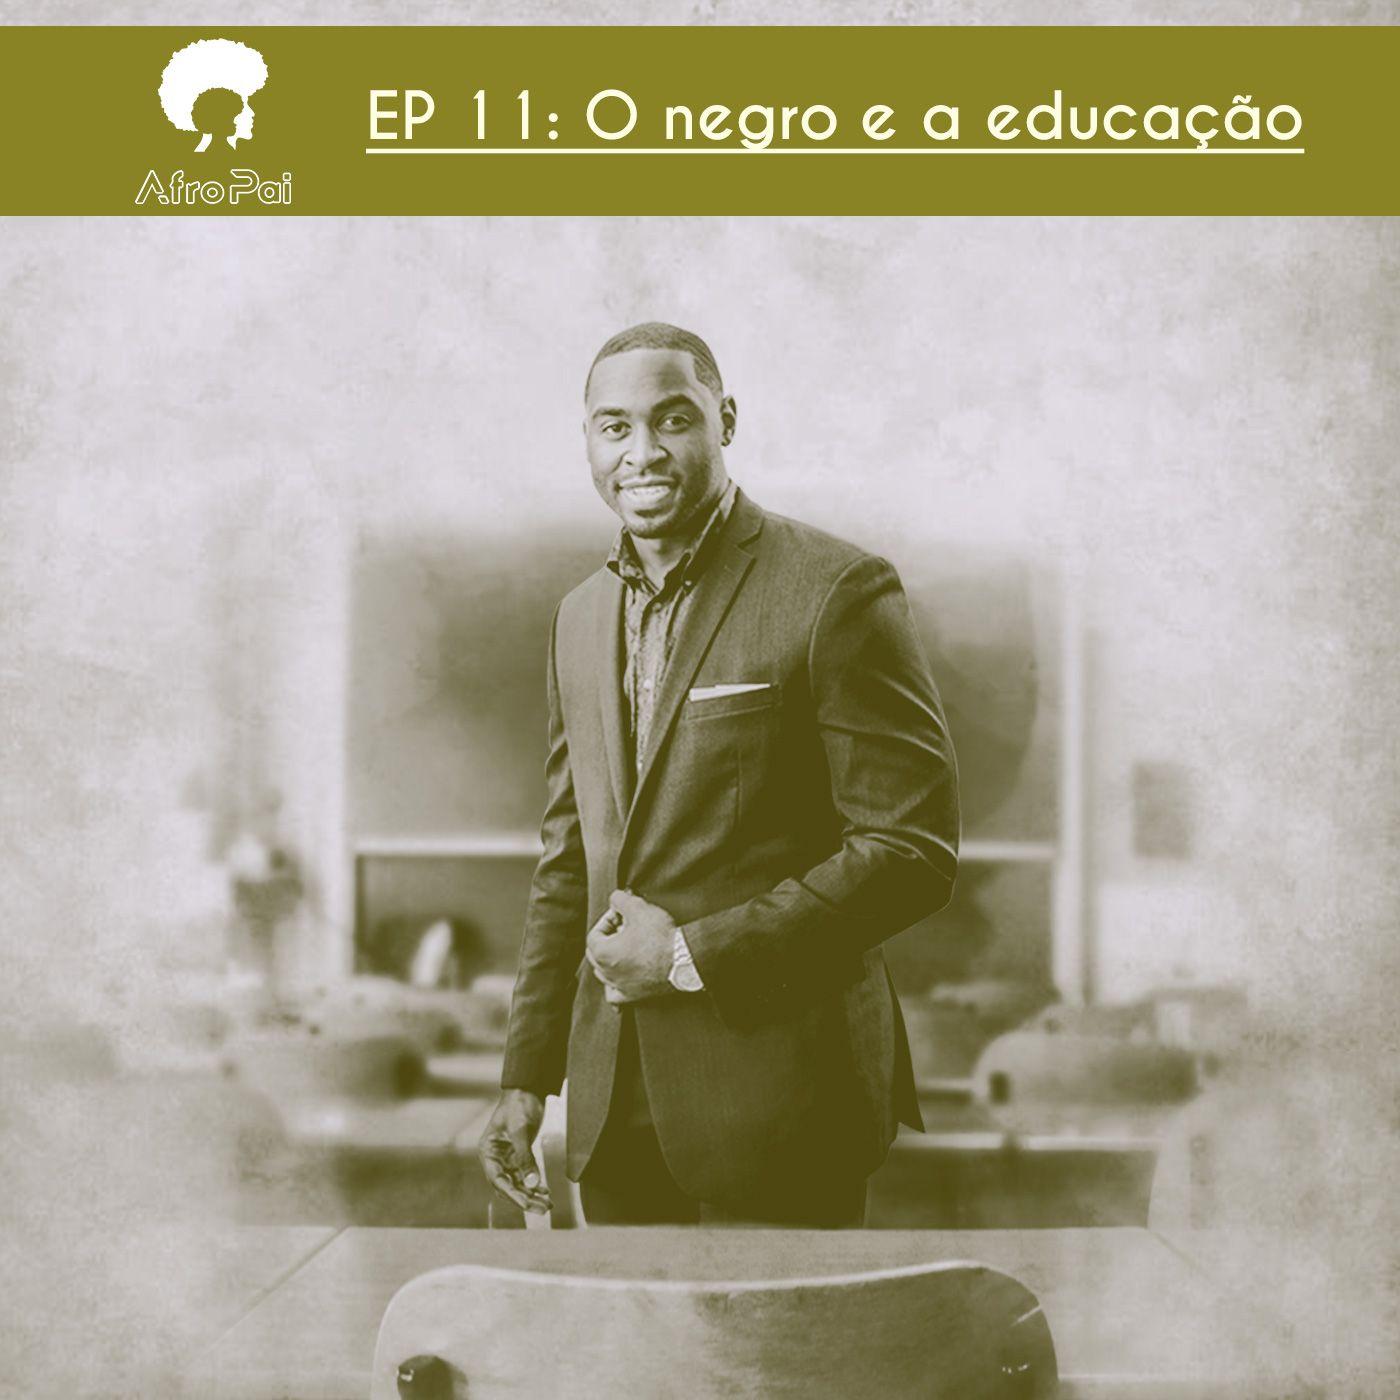 O negro e a educação